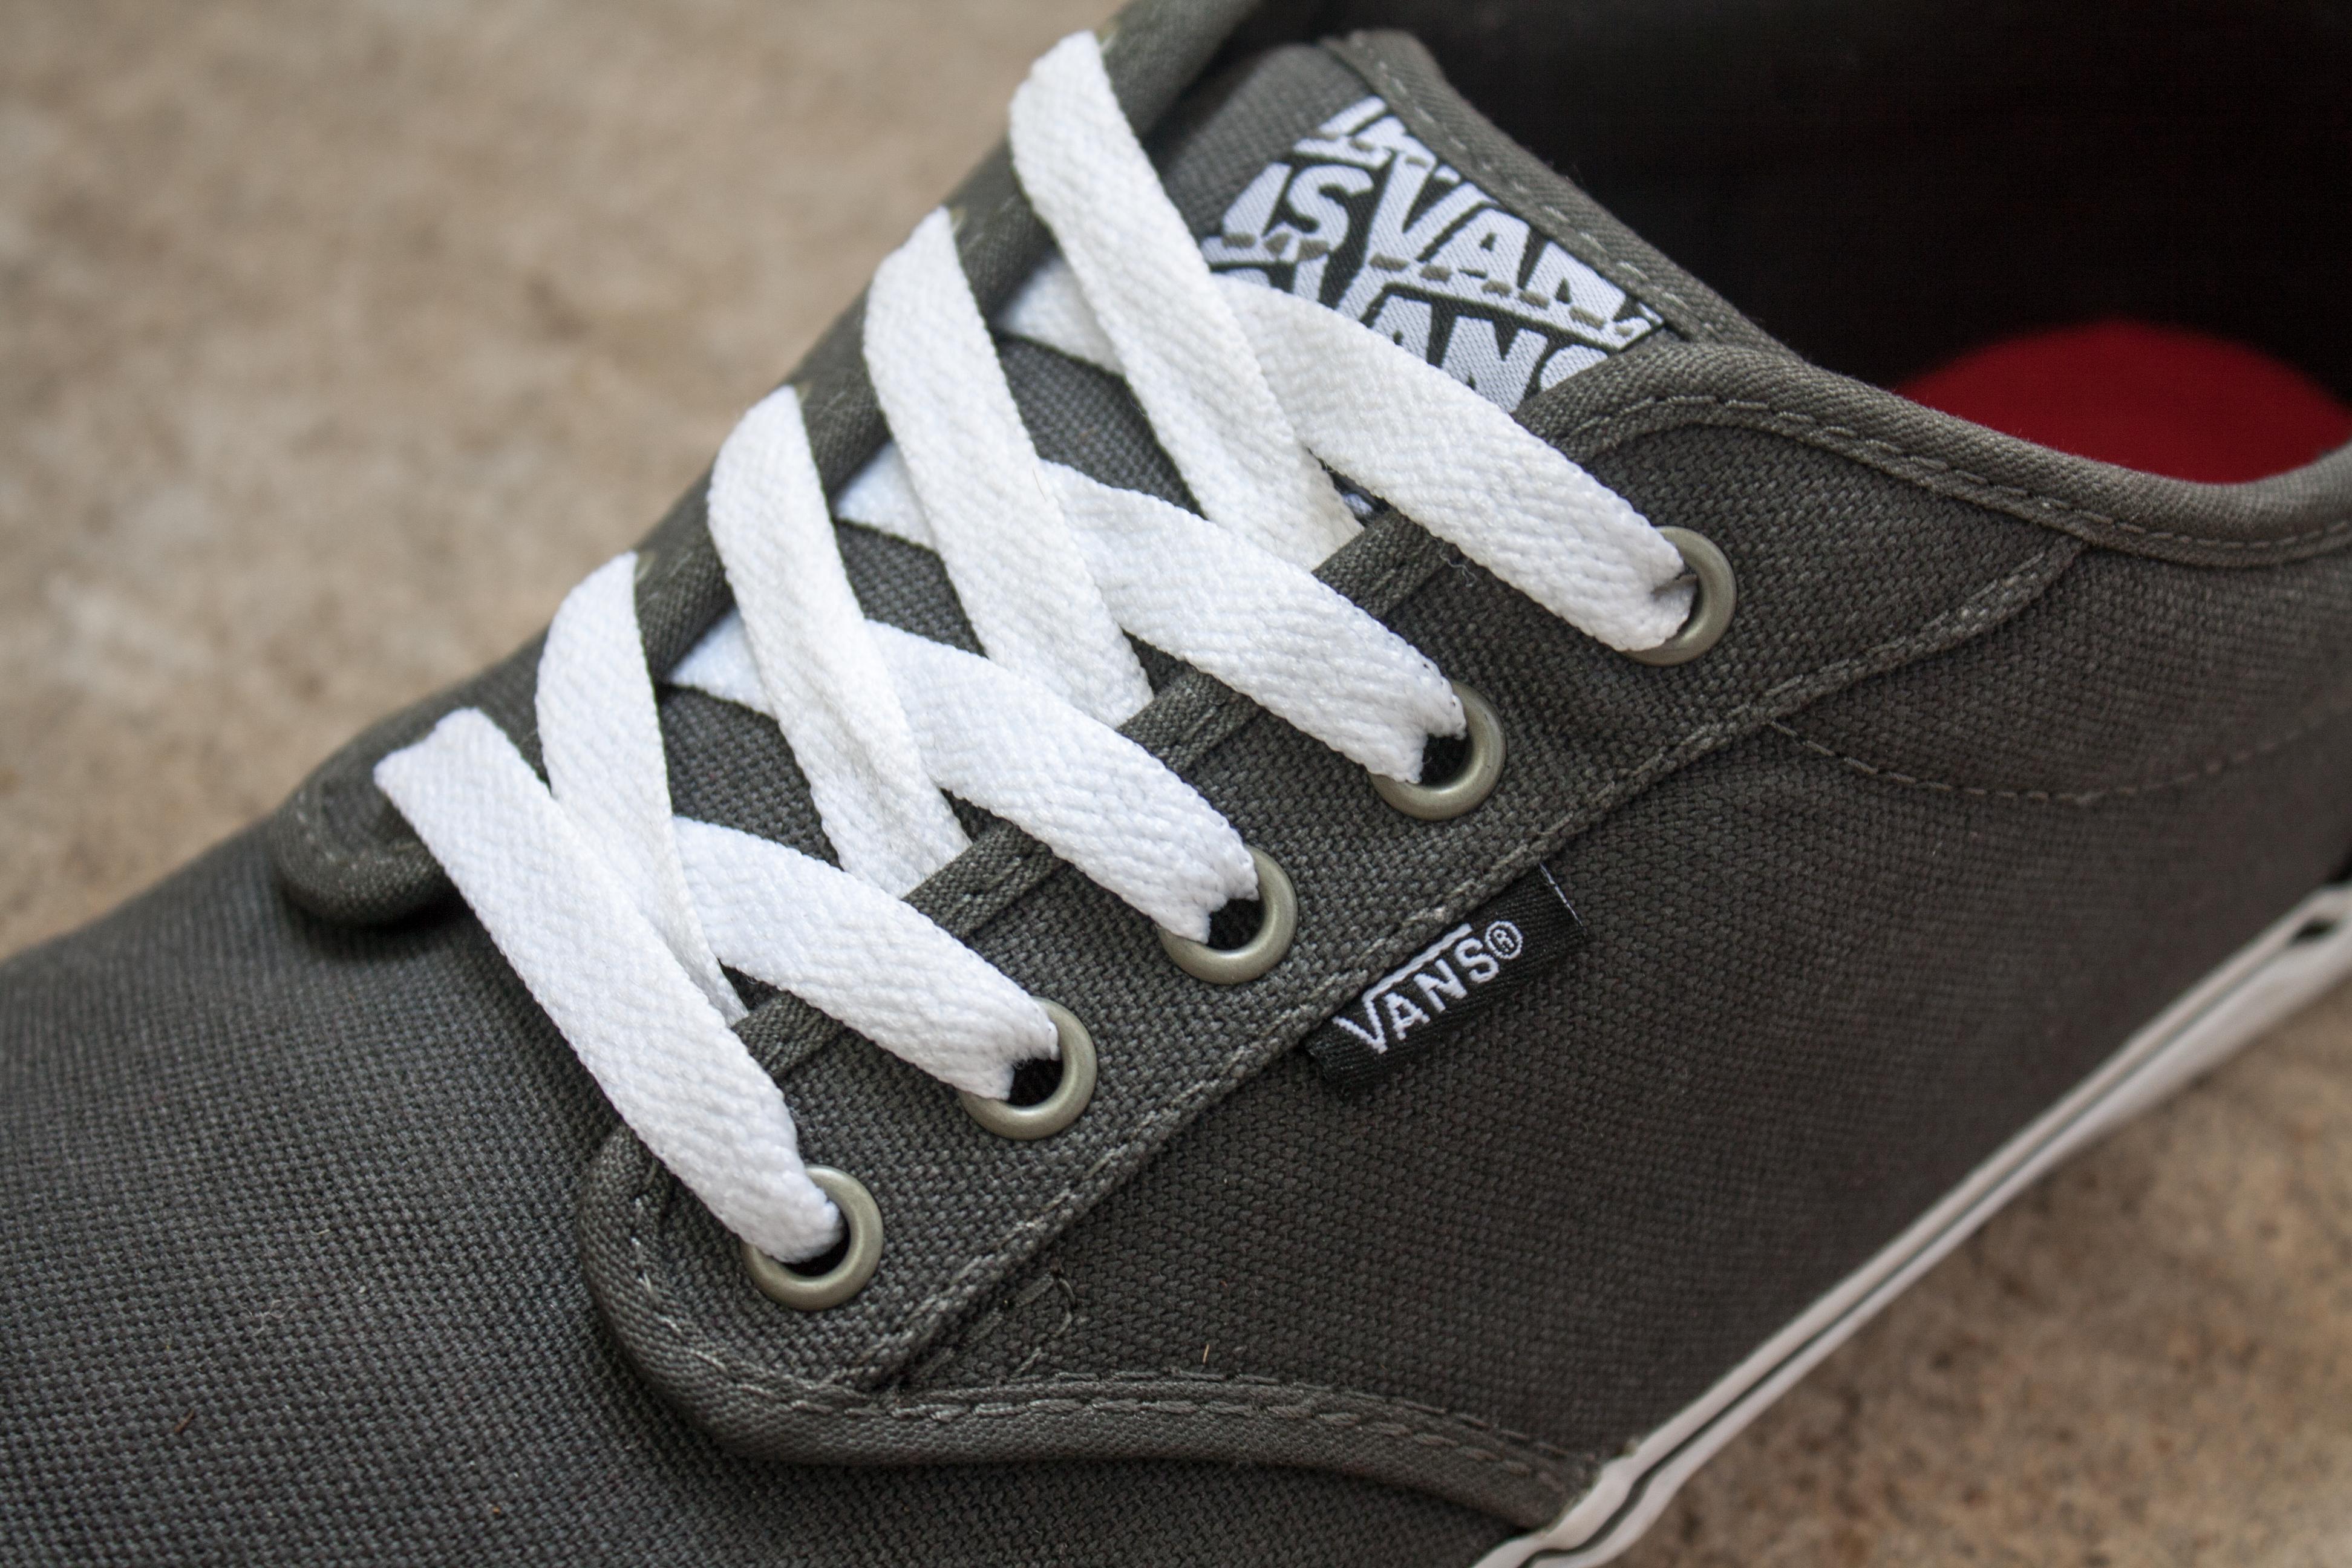 vans shoe laces